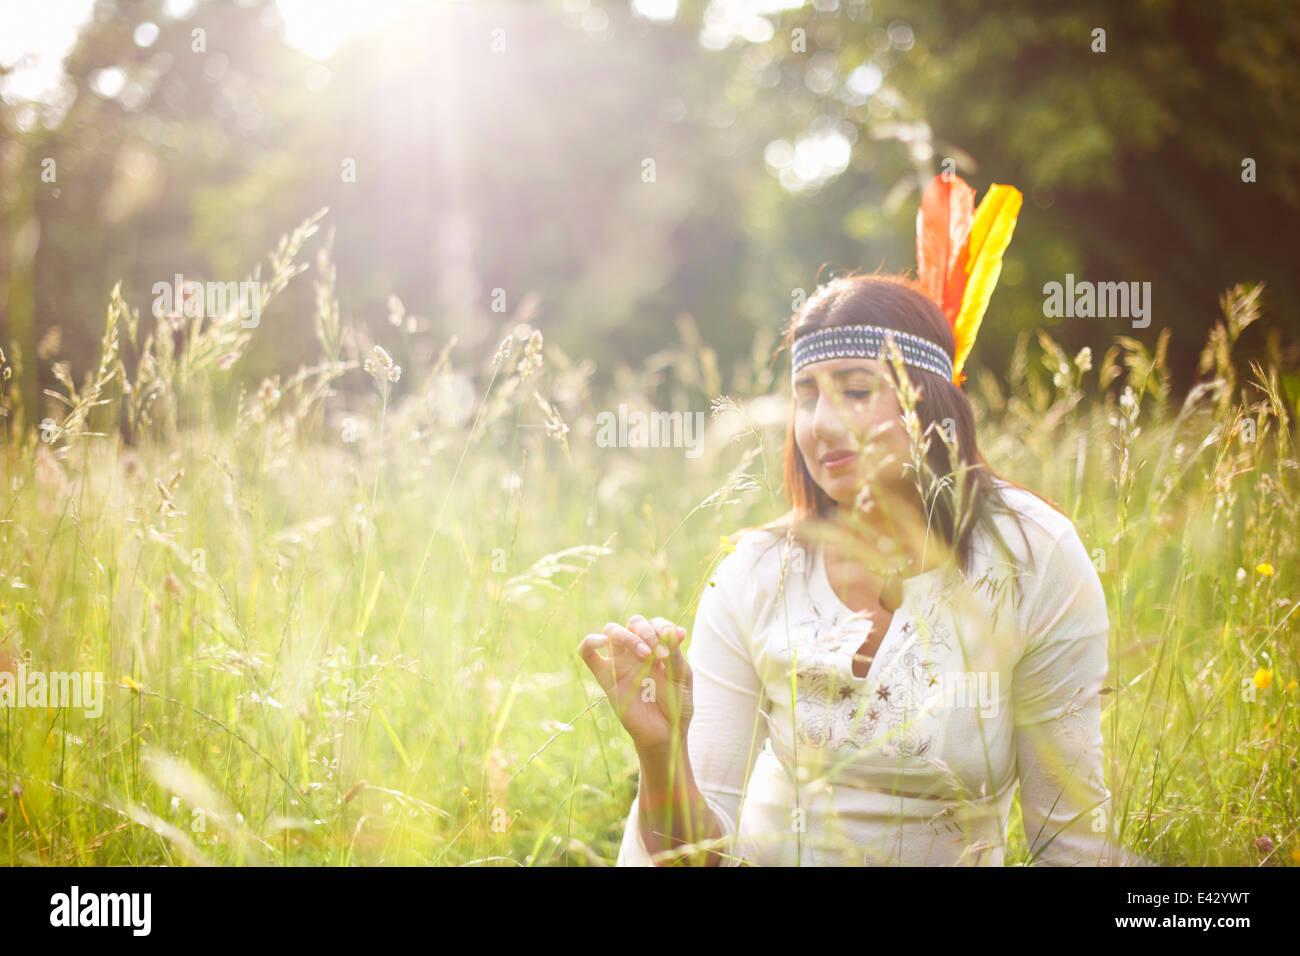 Reife Frau in Indianer Kopfschmuck lange Gras Stockbild